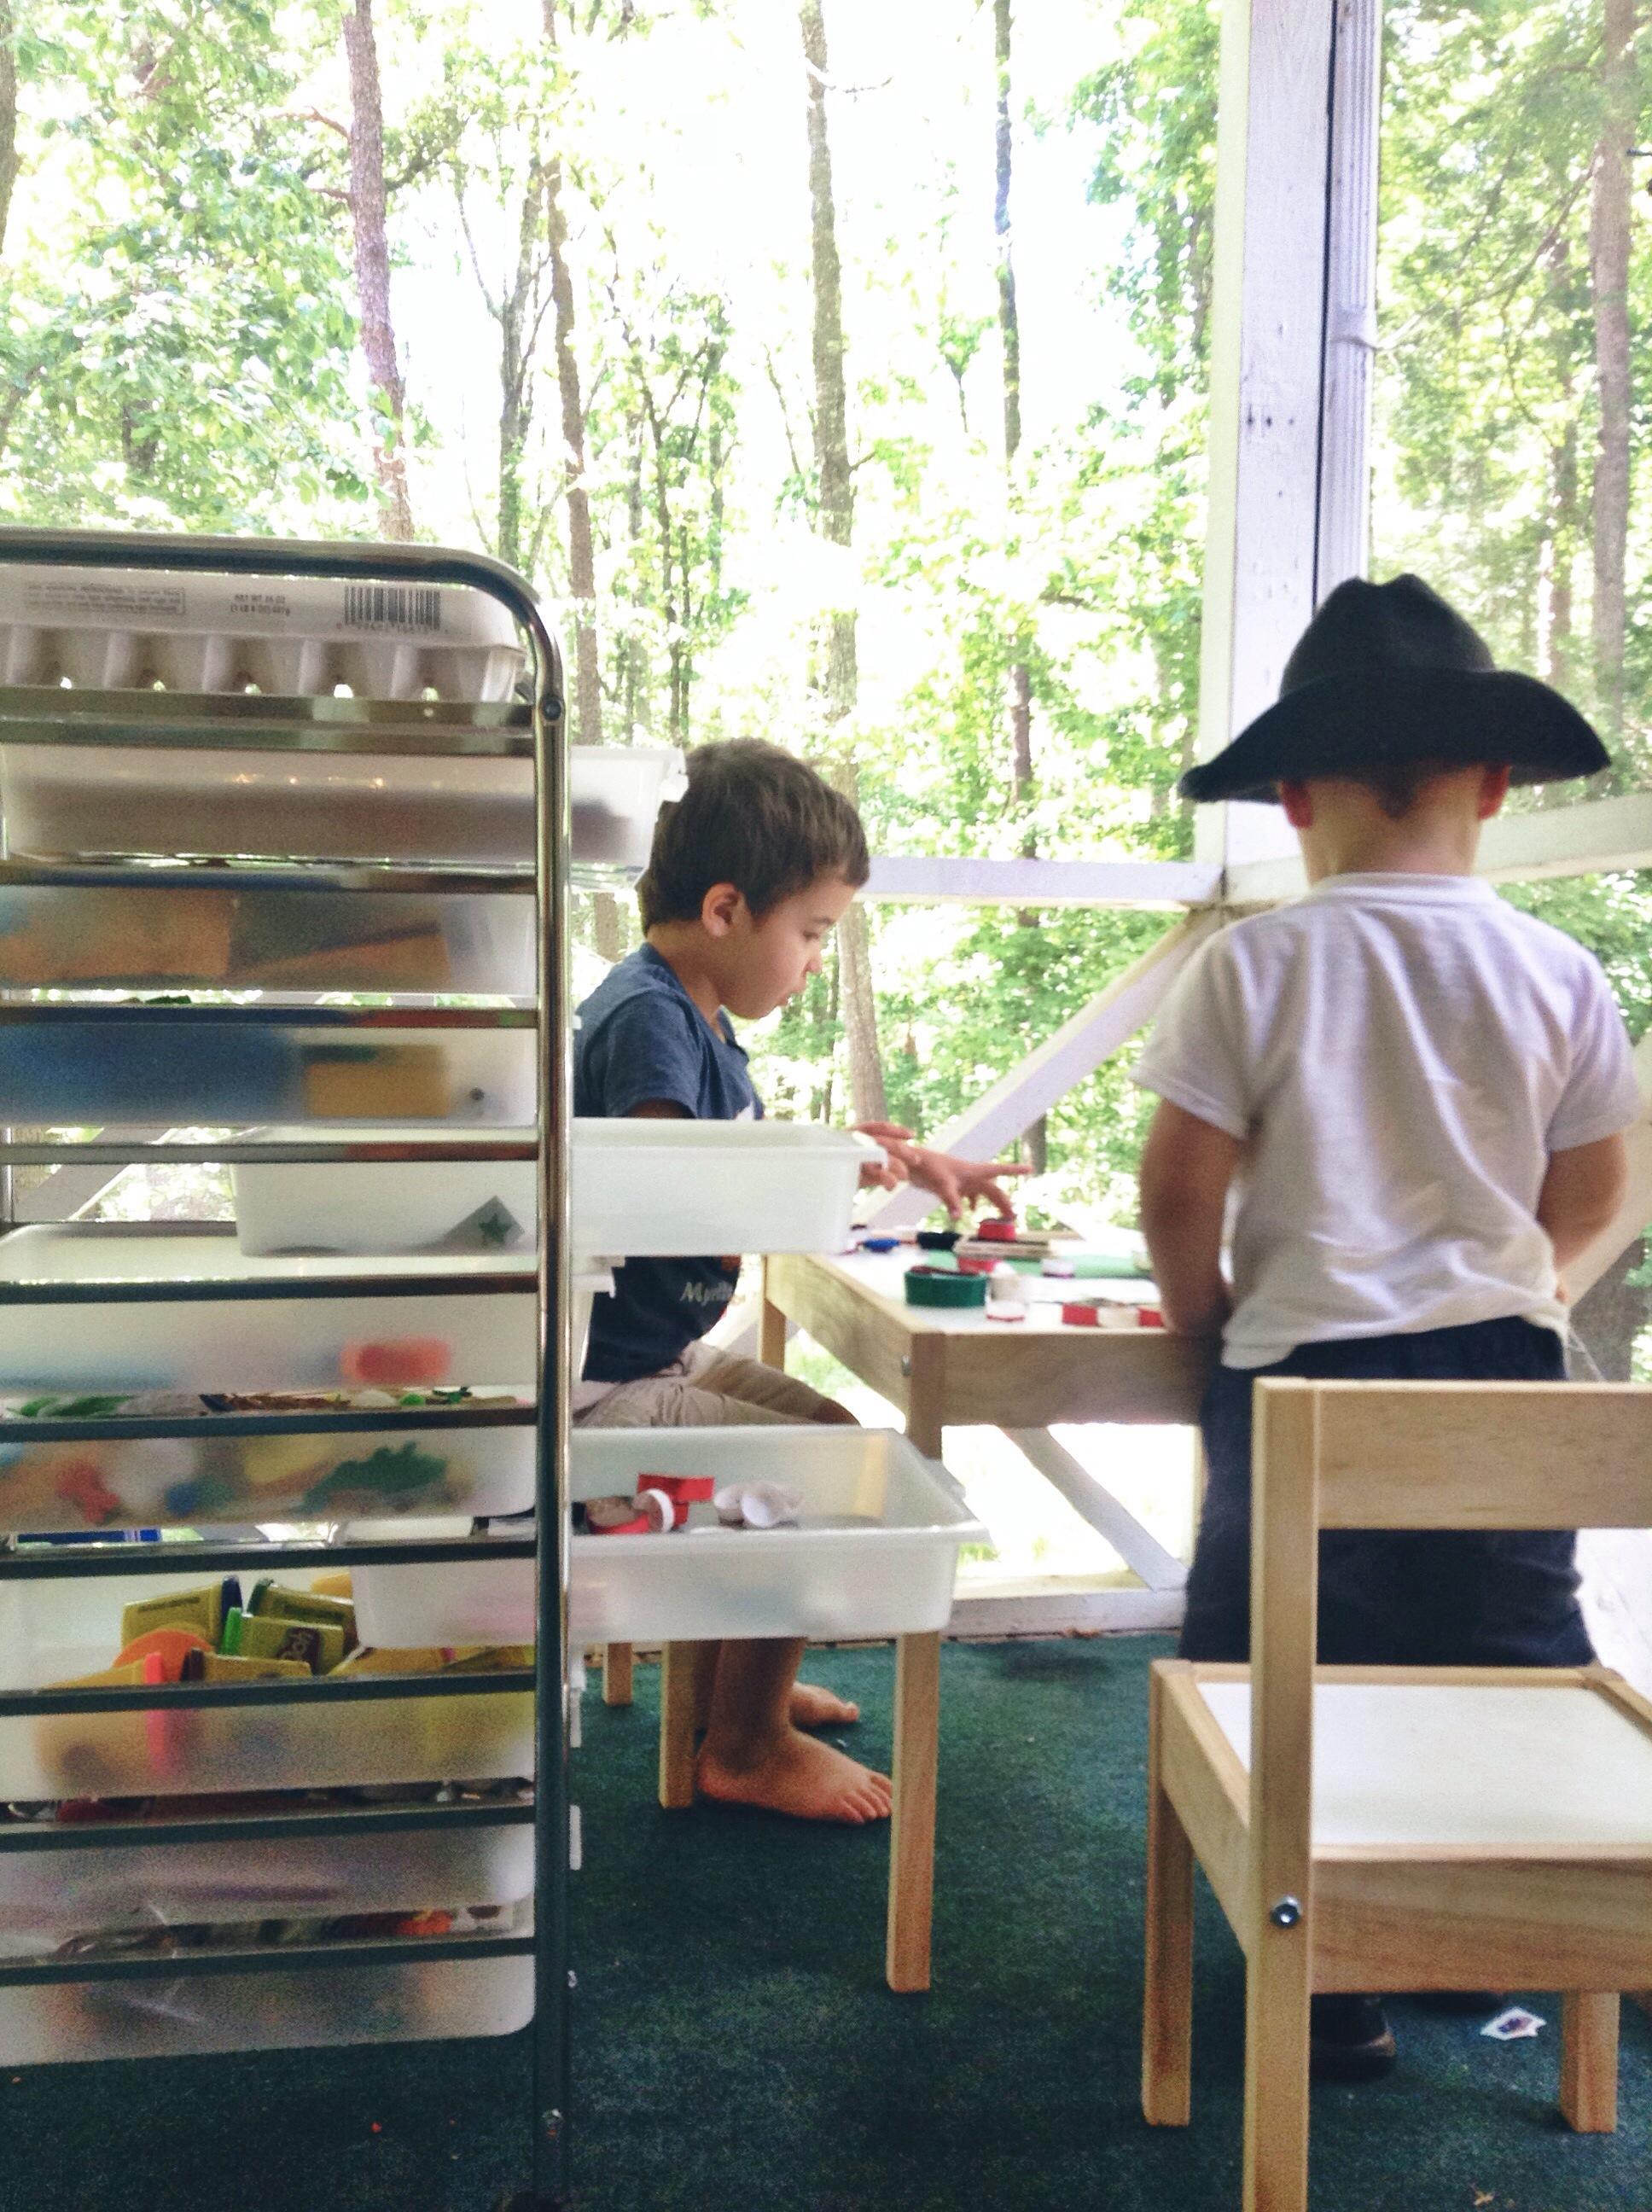 kids using art supplies